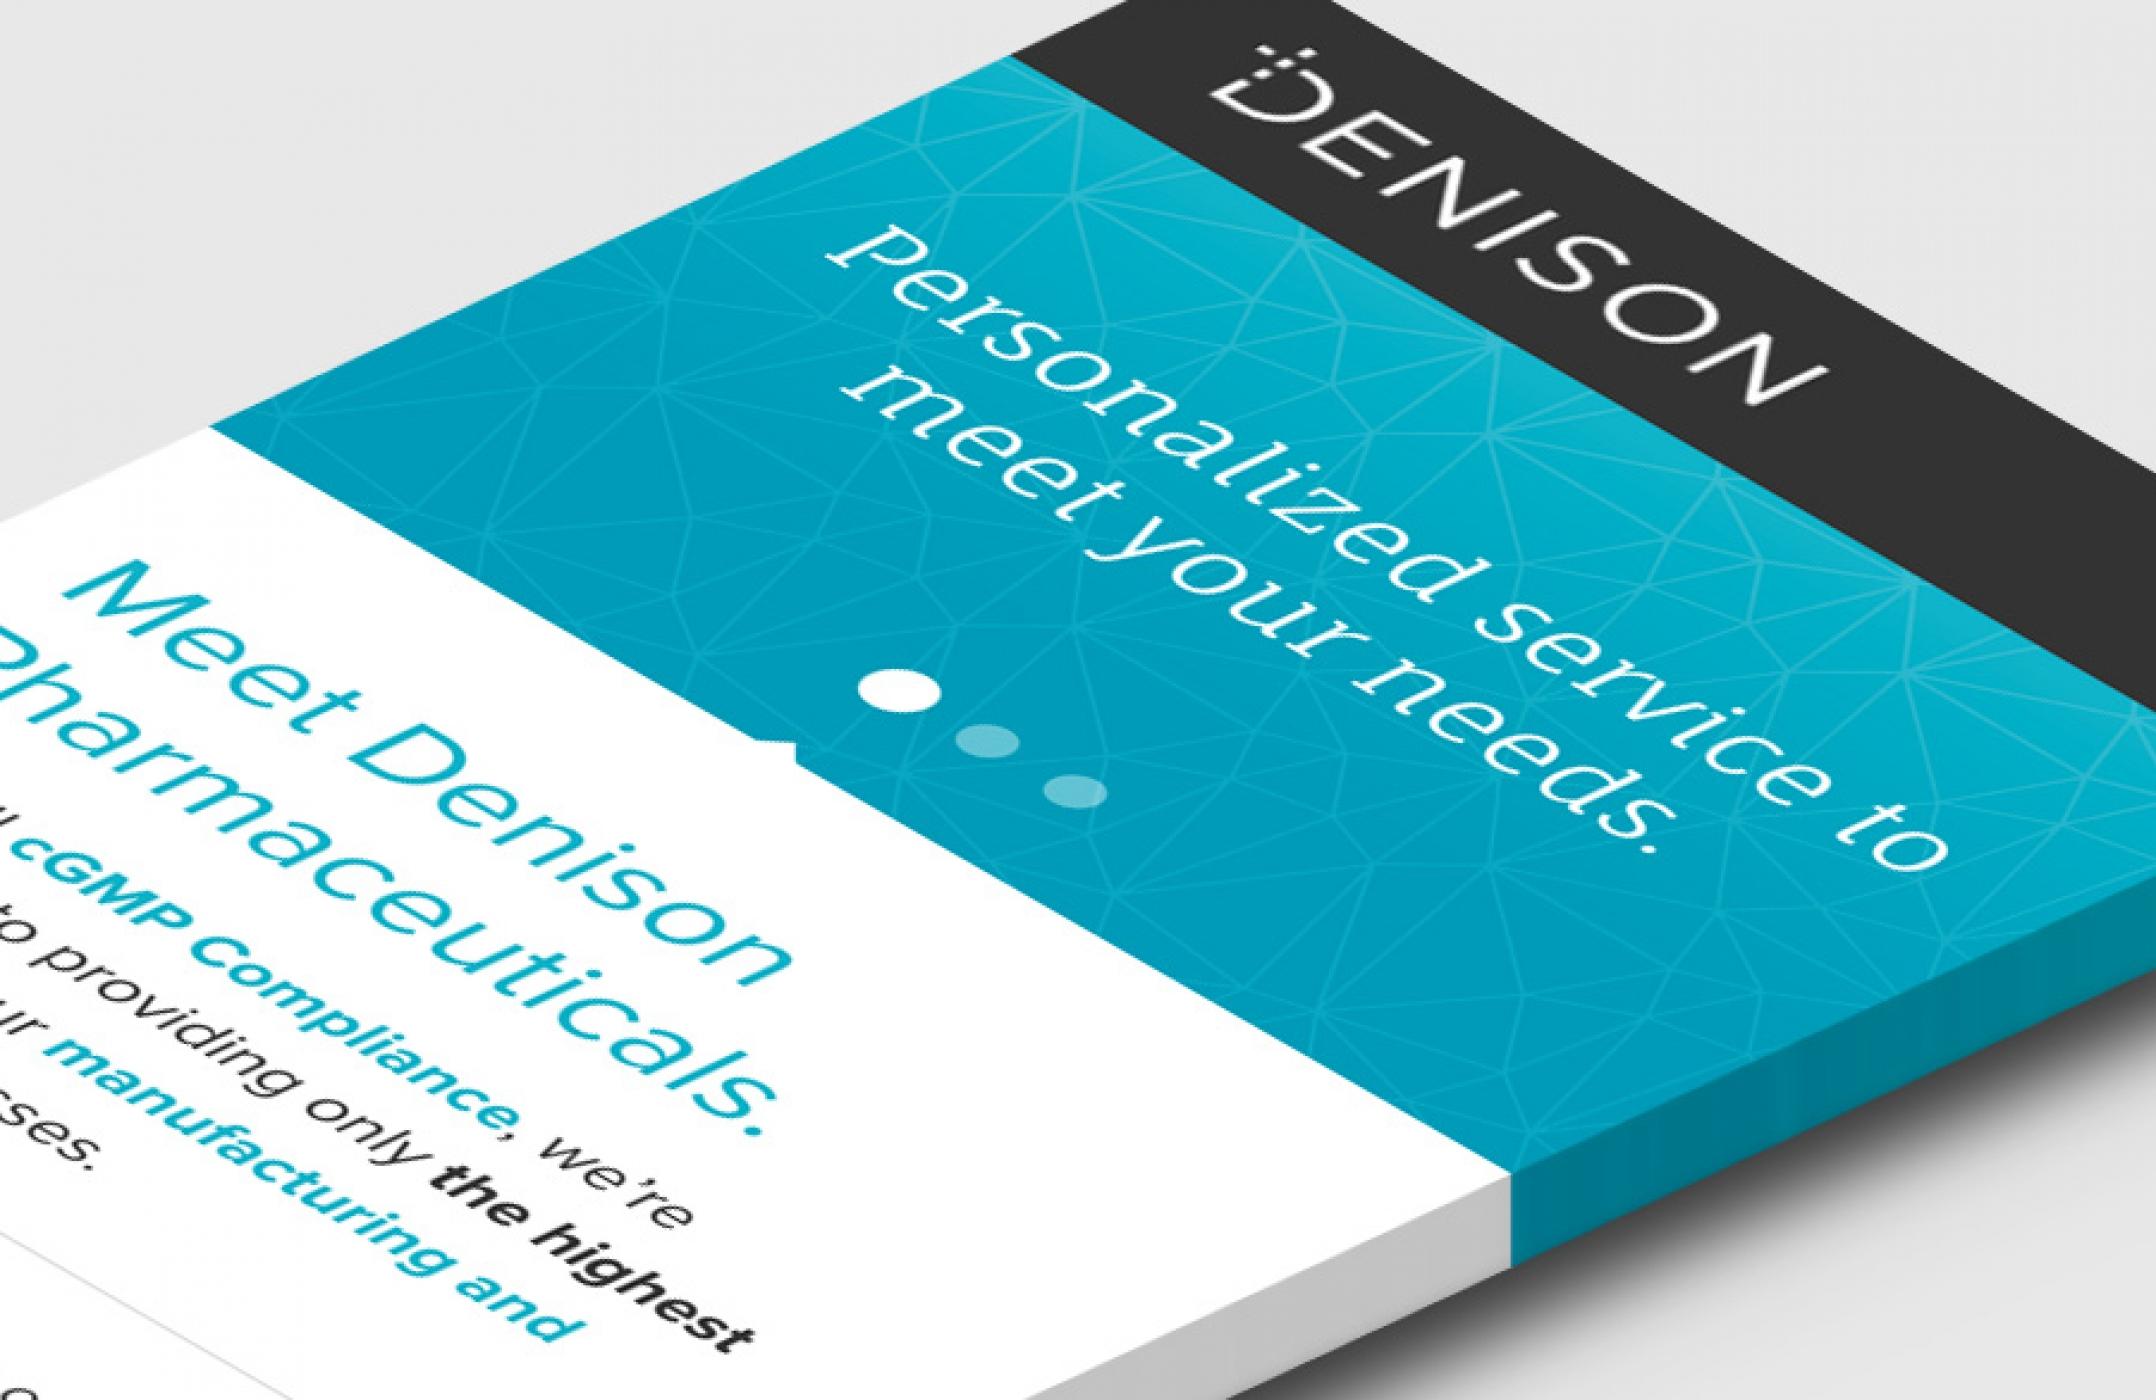 Denison Pharma